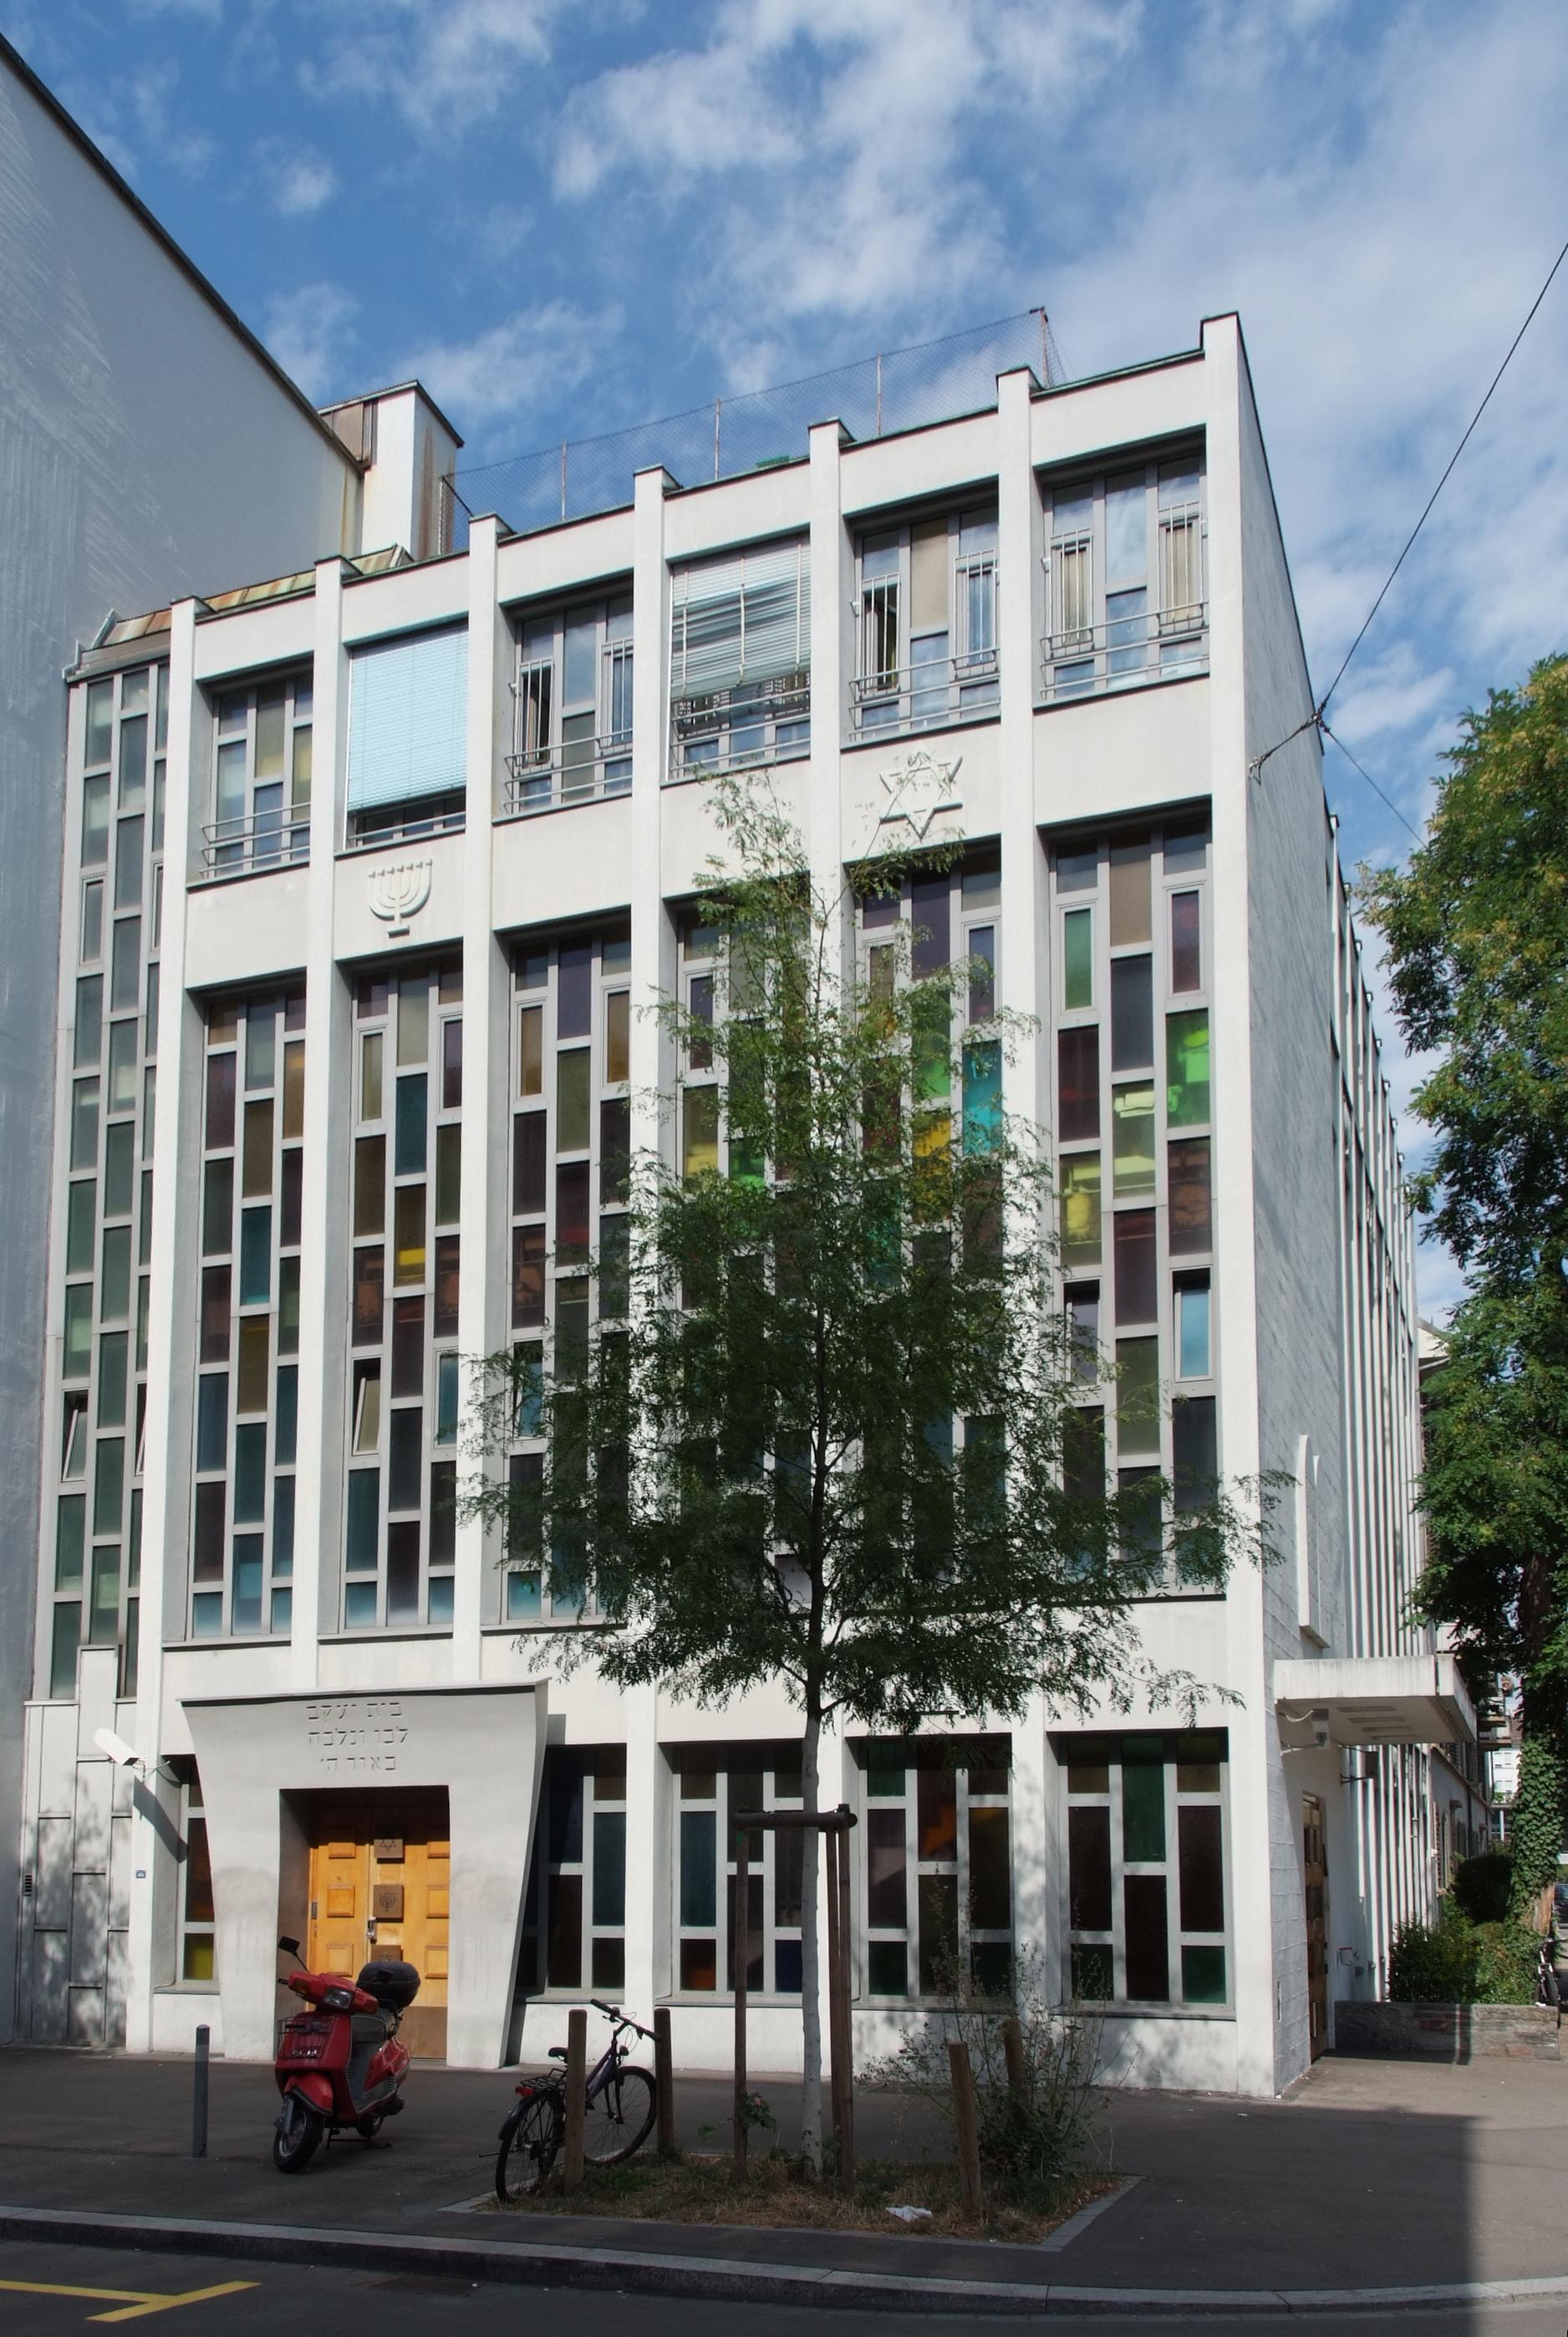 Faszinierend Fensterfront Das Beste Von File:fensterfront Synagoge Agudas Achim.jpg